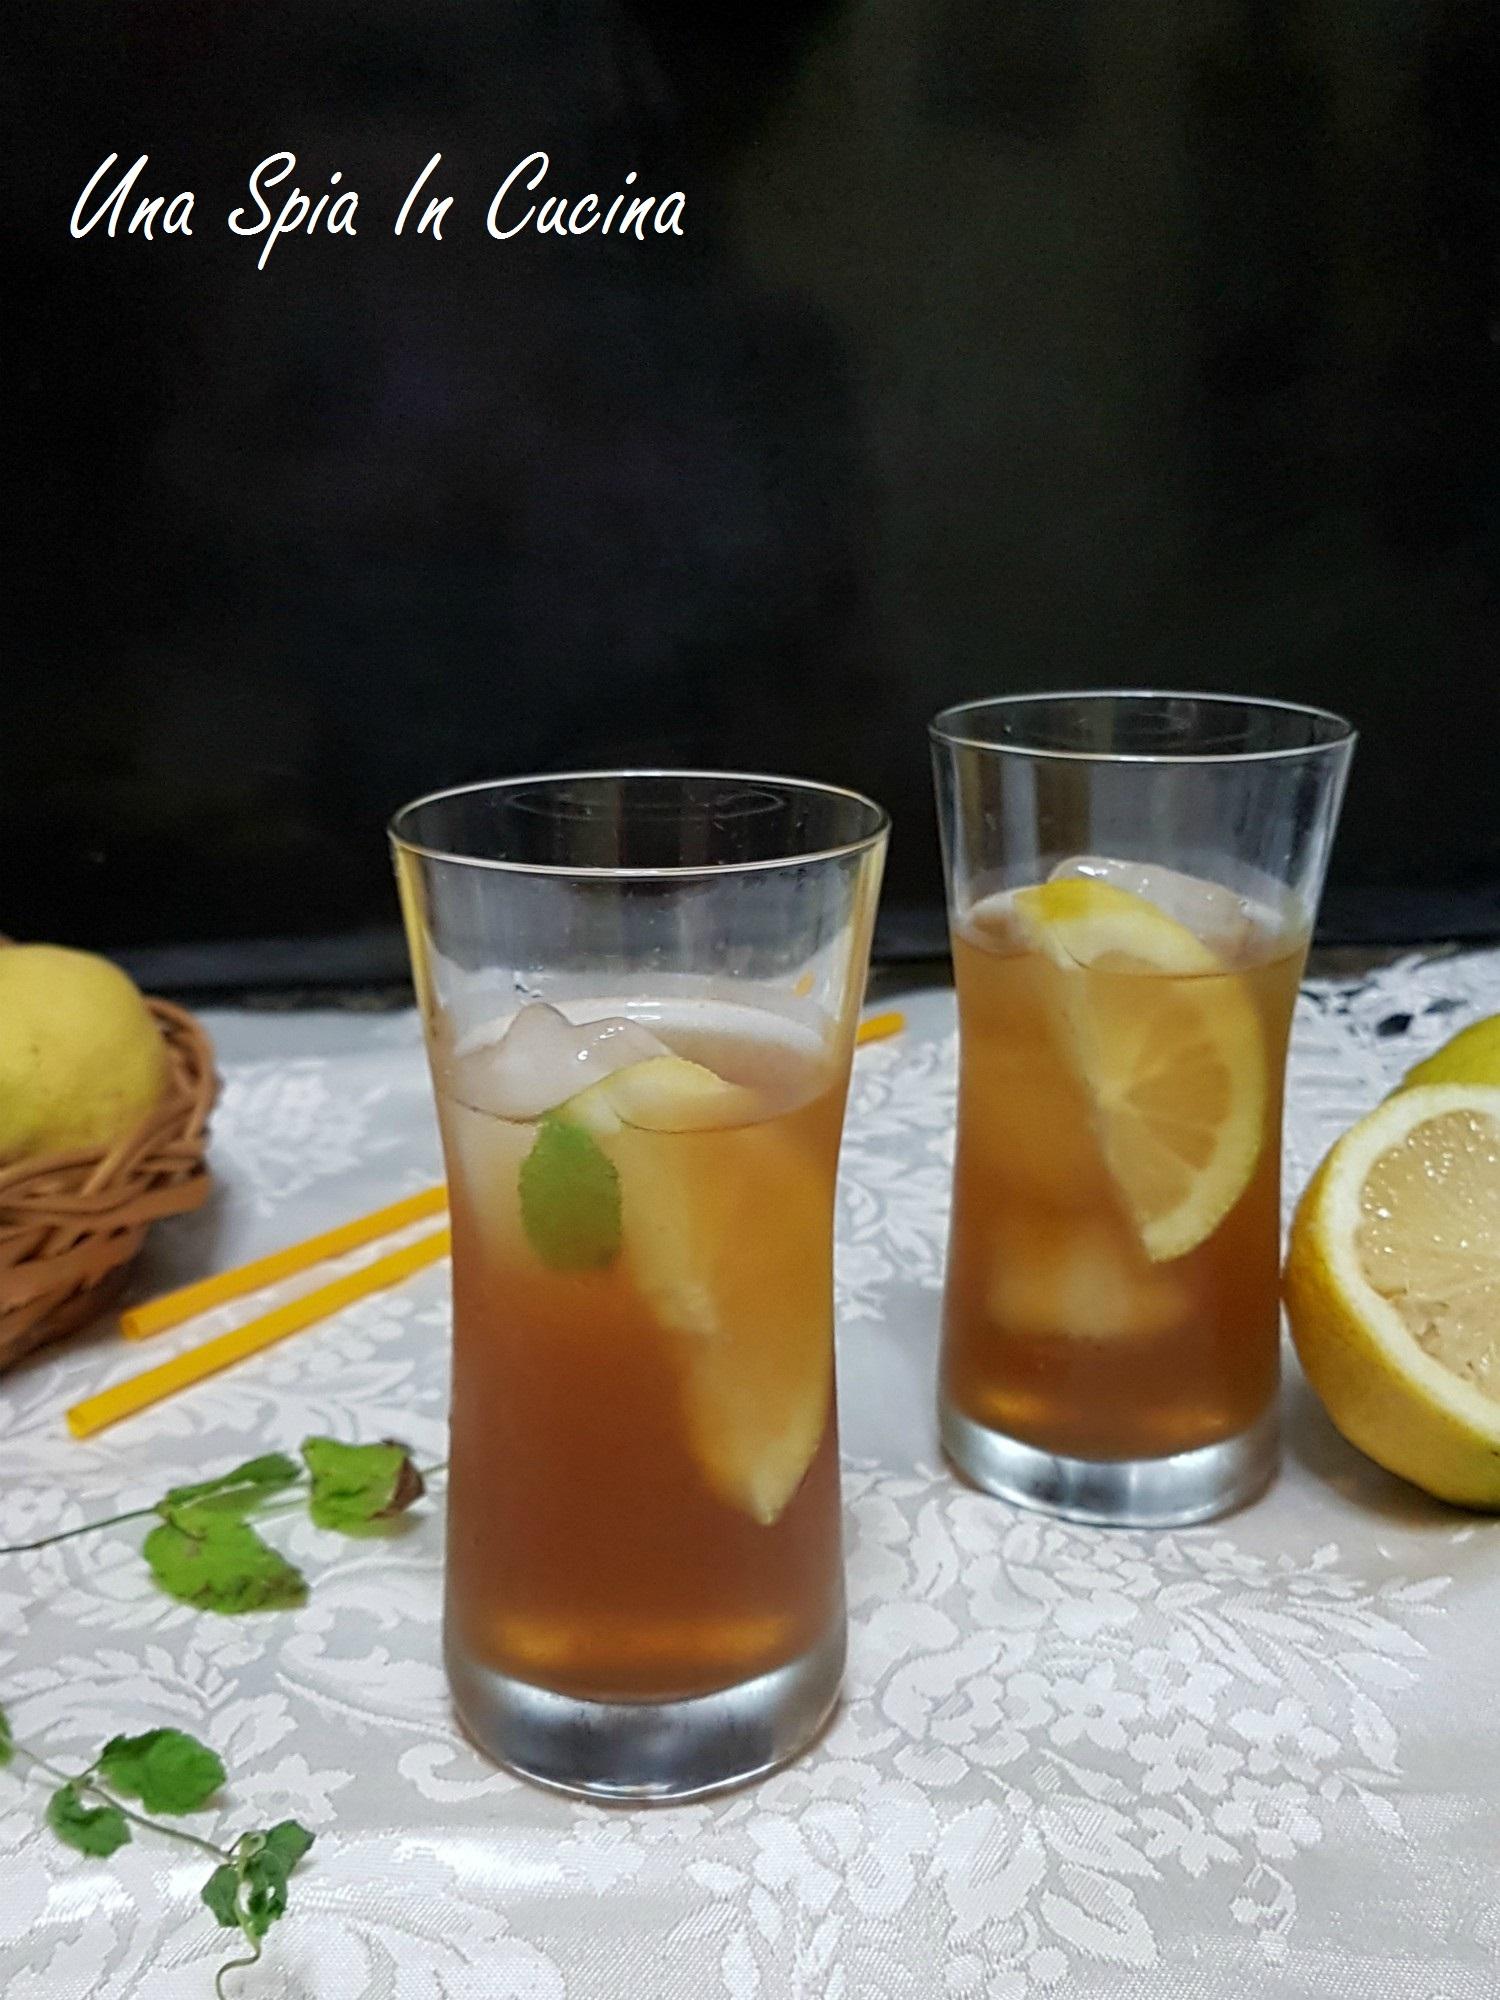 T freddo menta e limone trucchi e consigli una spia - Foglie limone nere ...